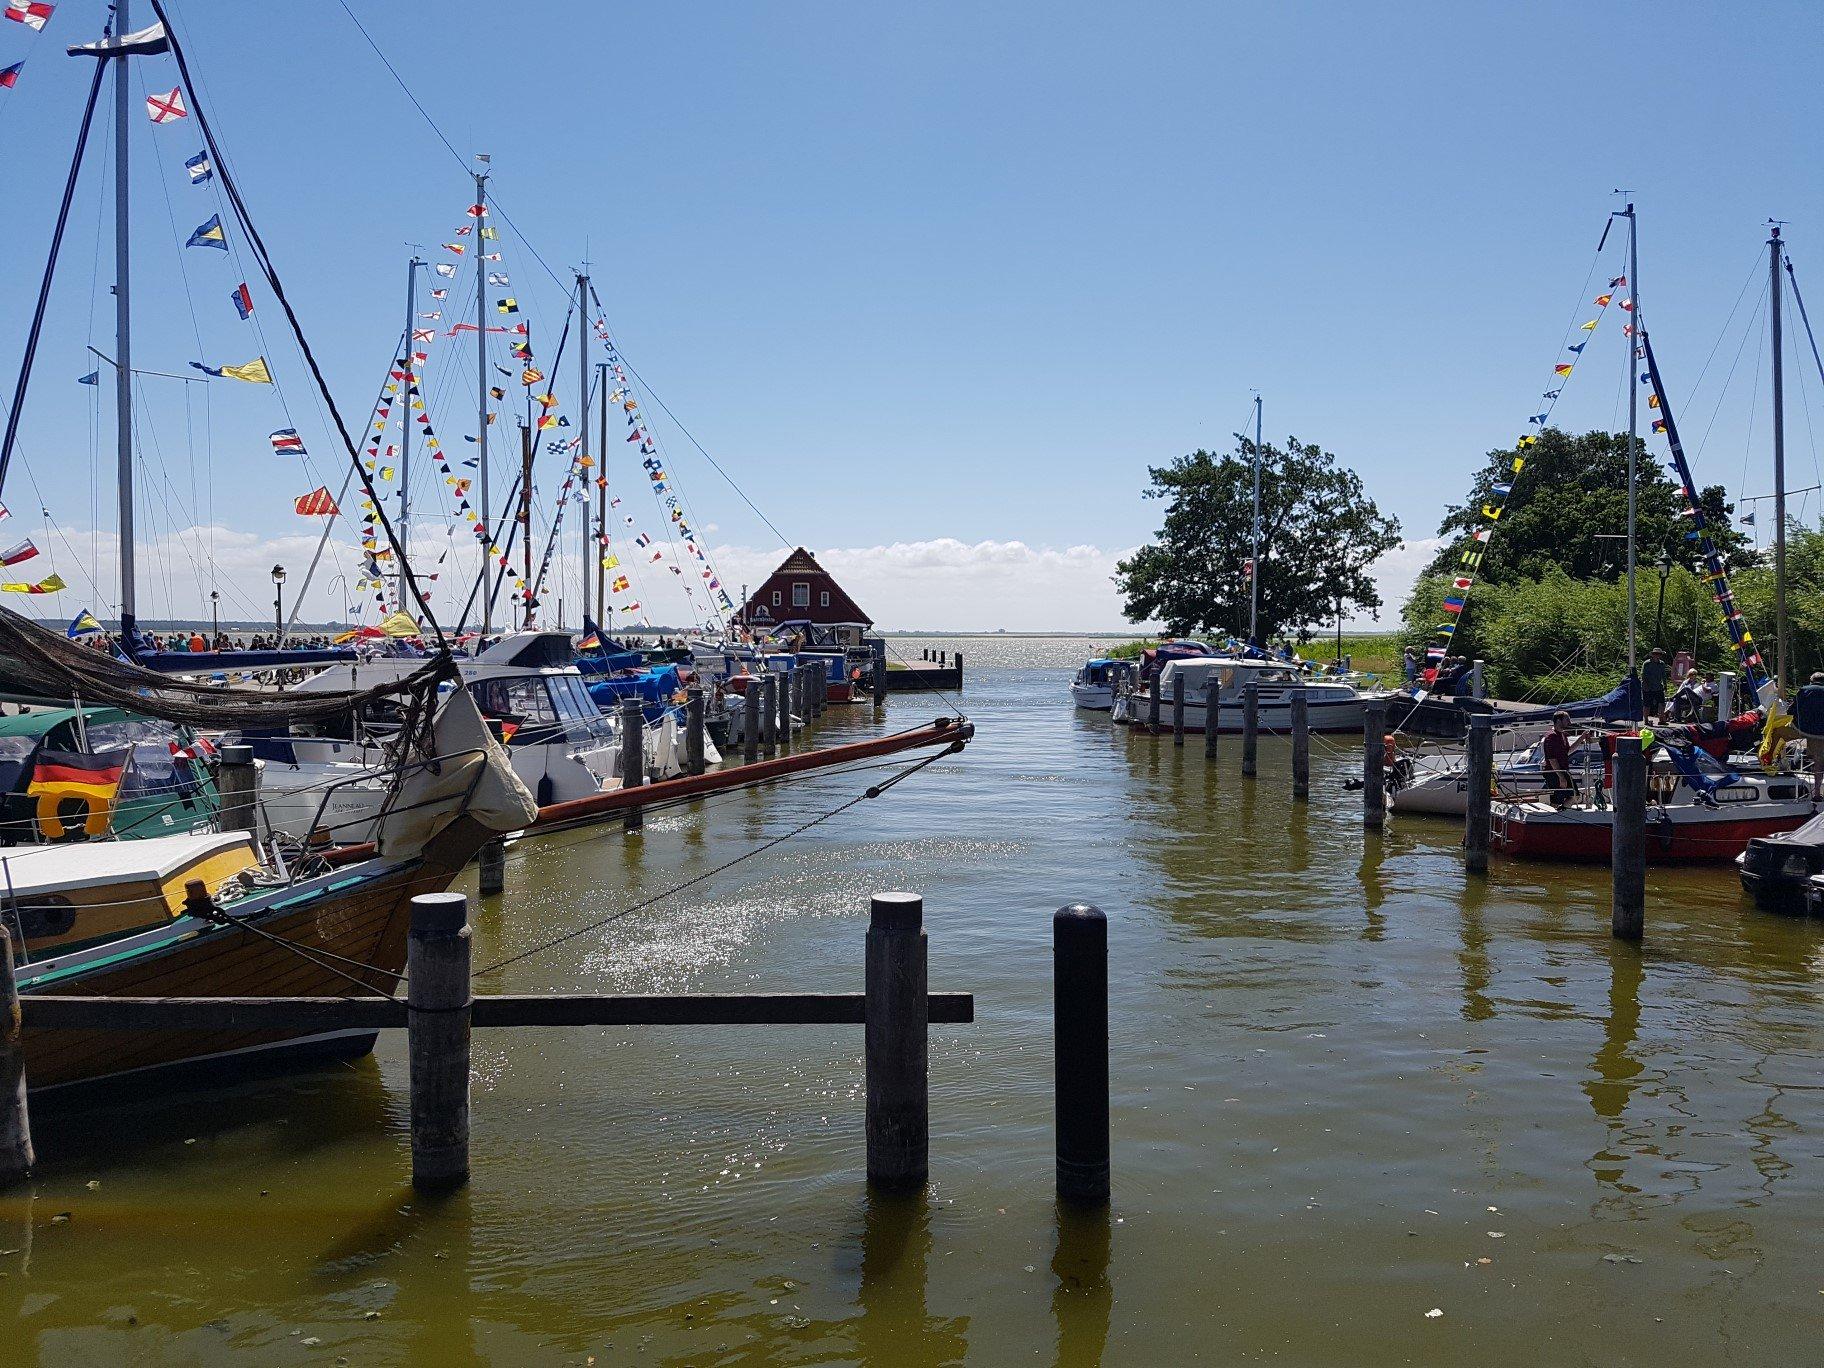 Wieck - Hafen